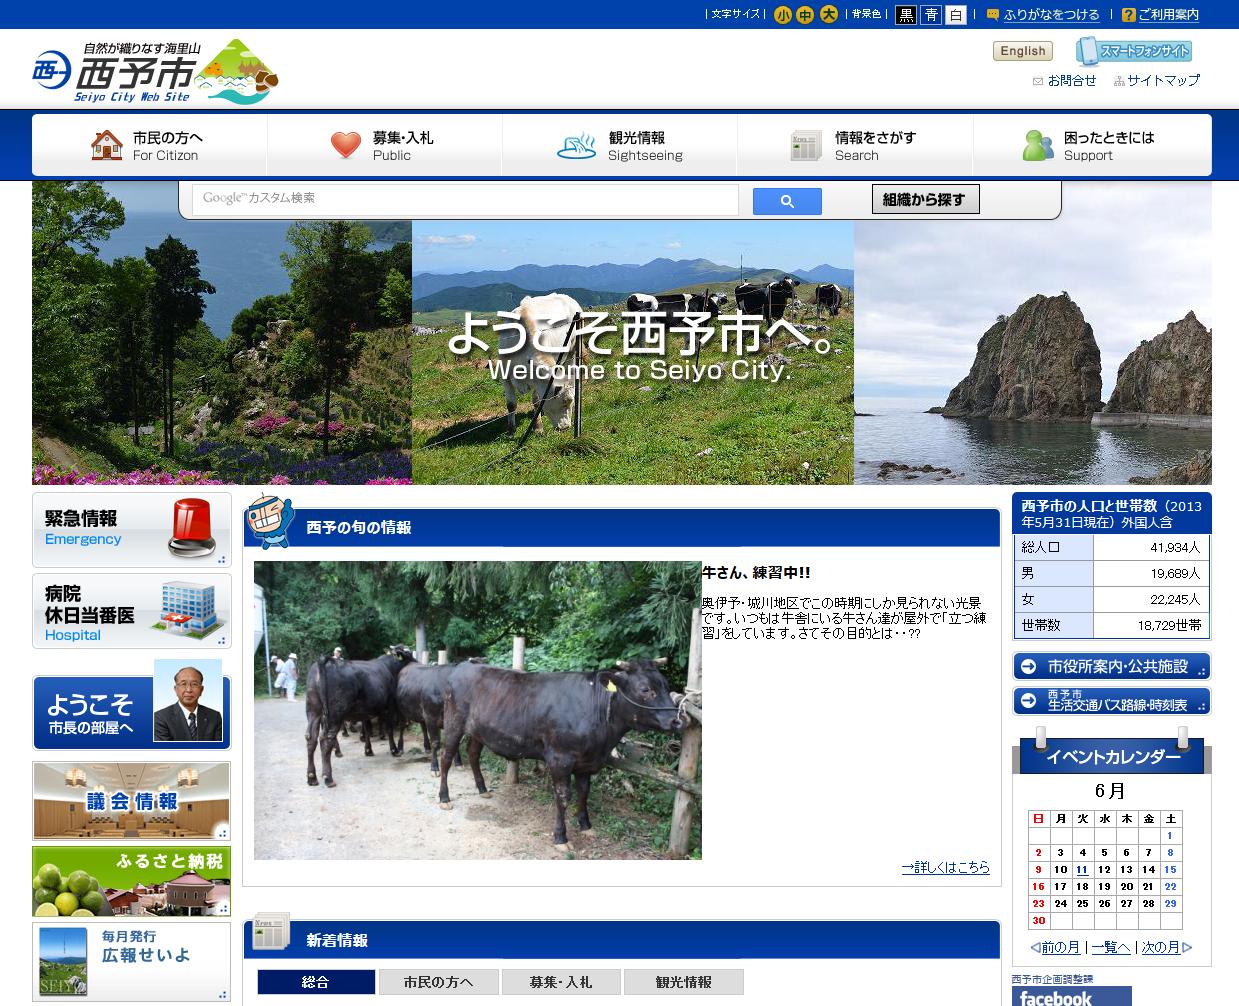 西予市ホームページ